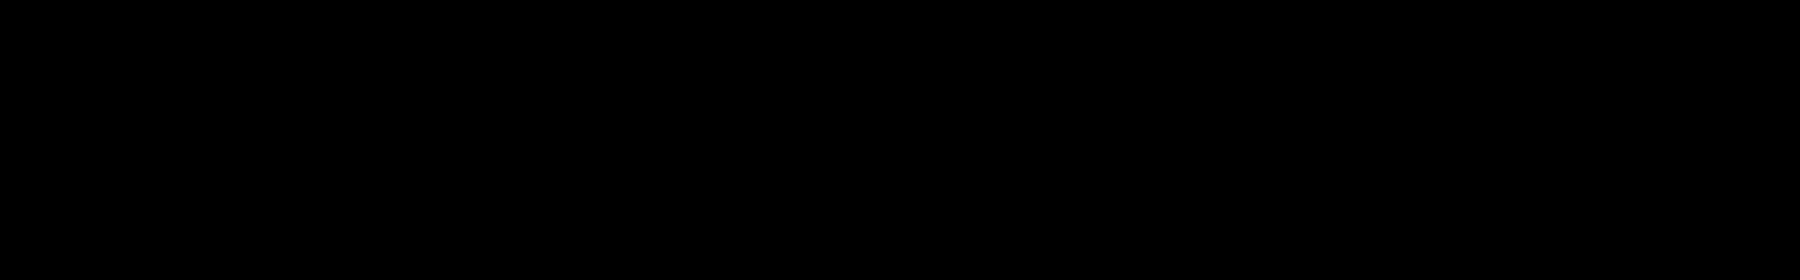 Gemini VIII audio waveform